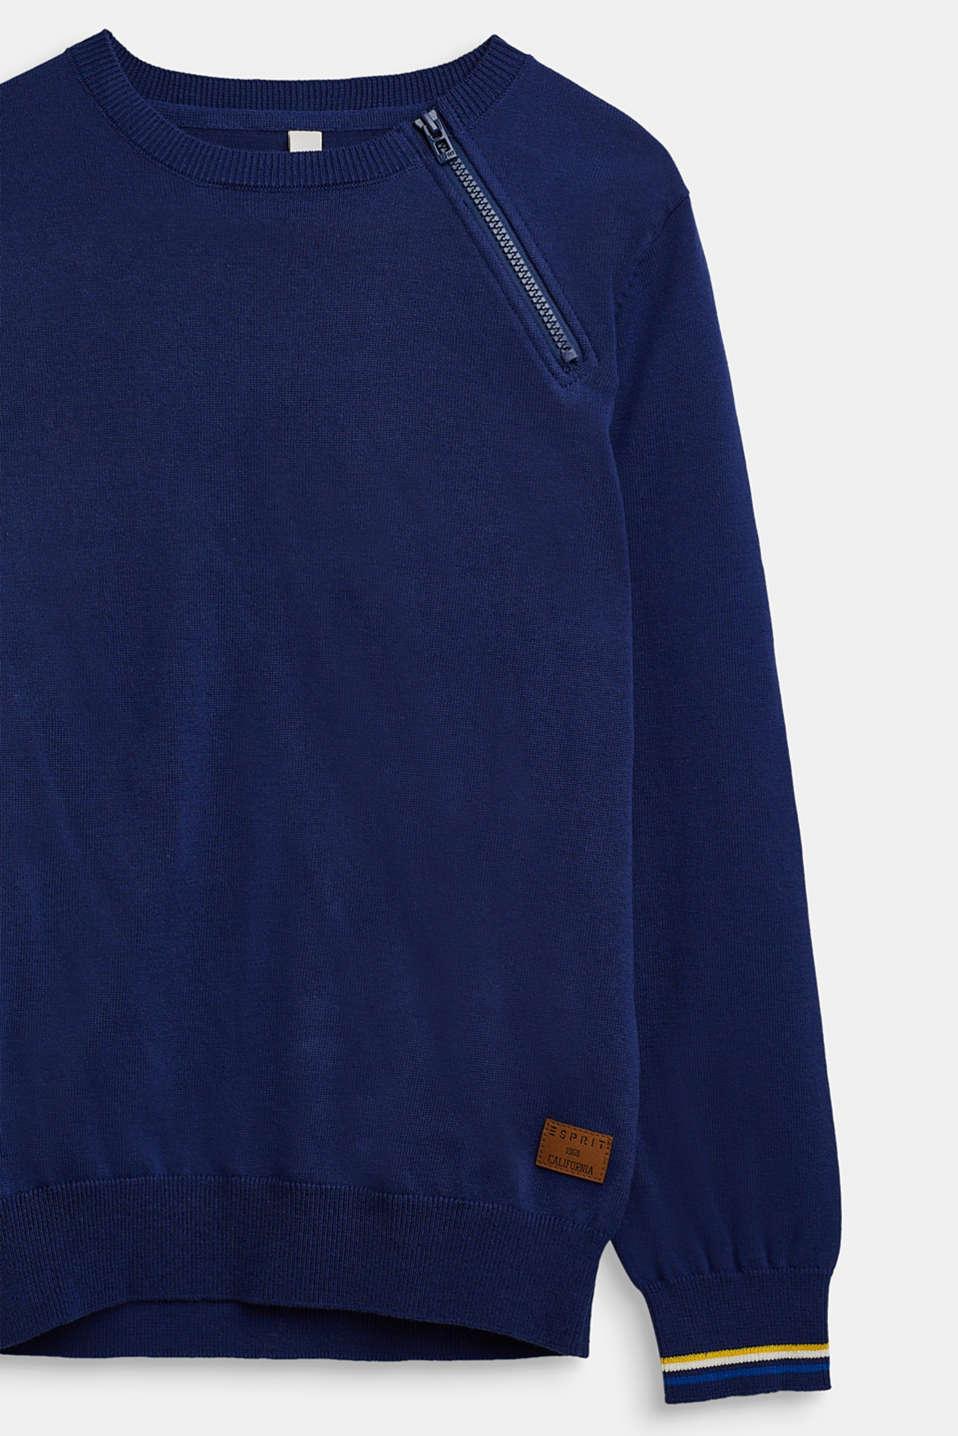 100% cotton jumper, LCMARINE BLUE, detail image number 2